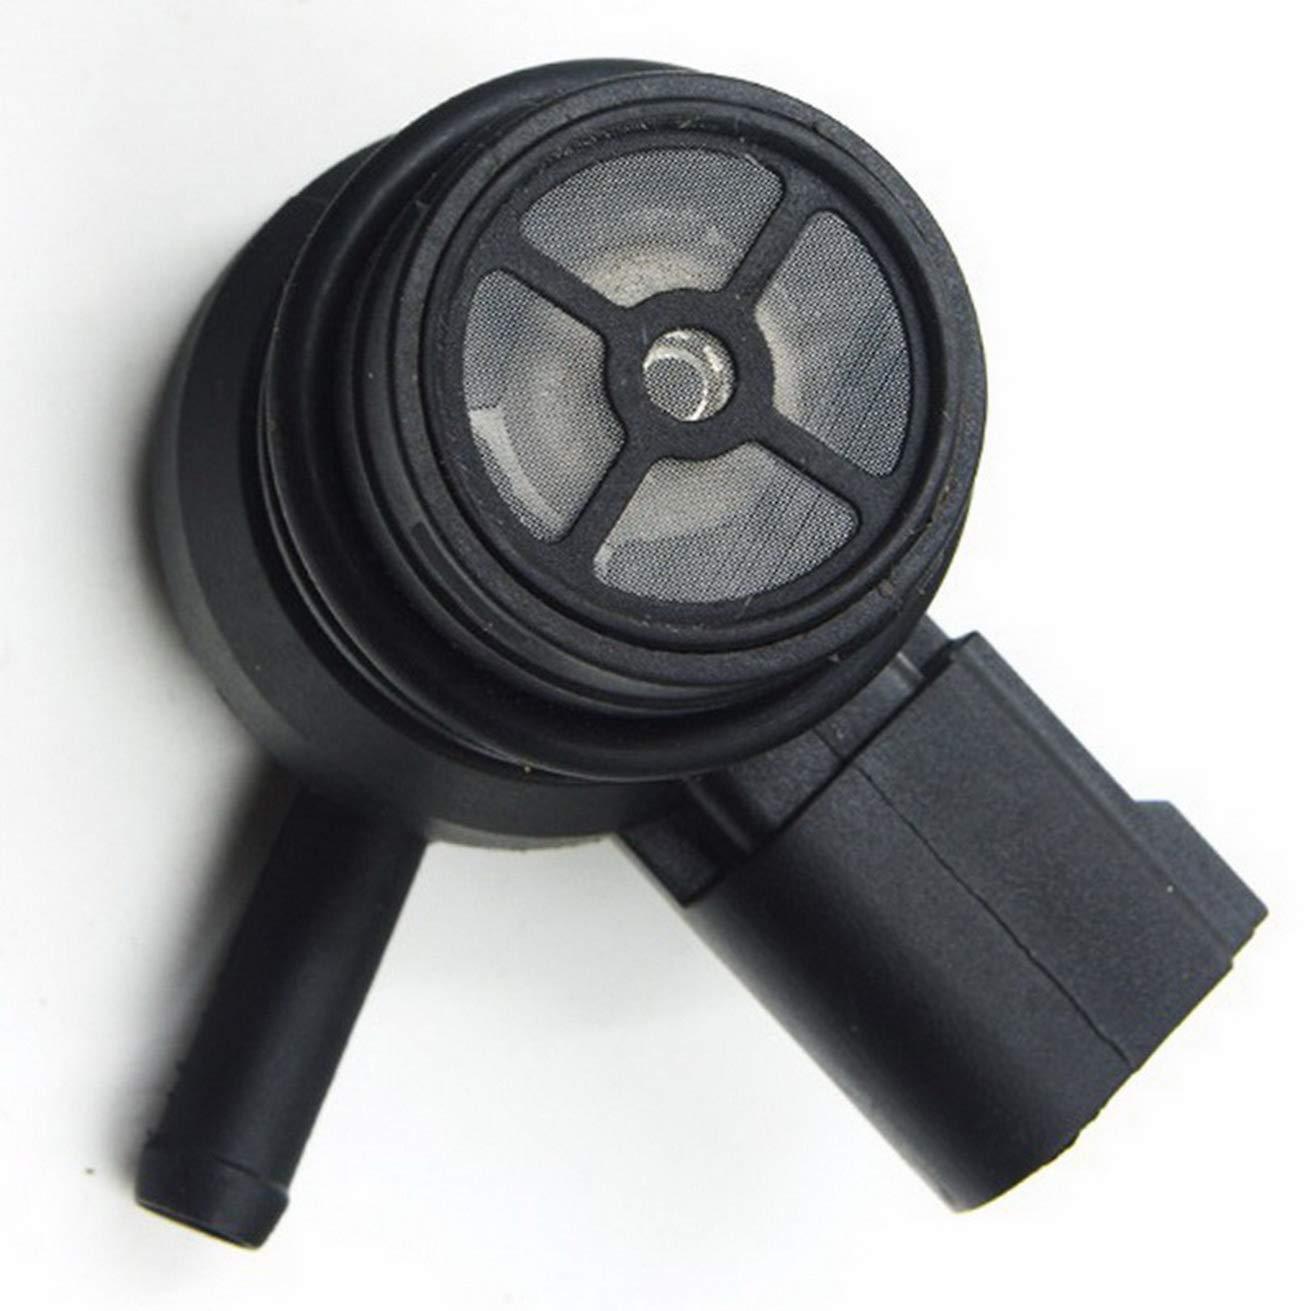 WEPECULIOR Car Vacuum EVAP Purge Canister Control